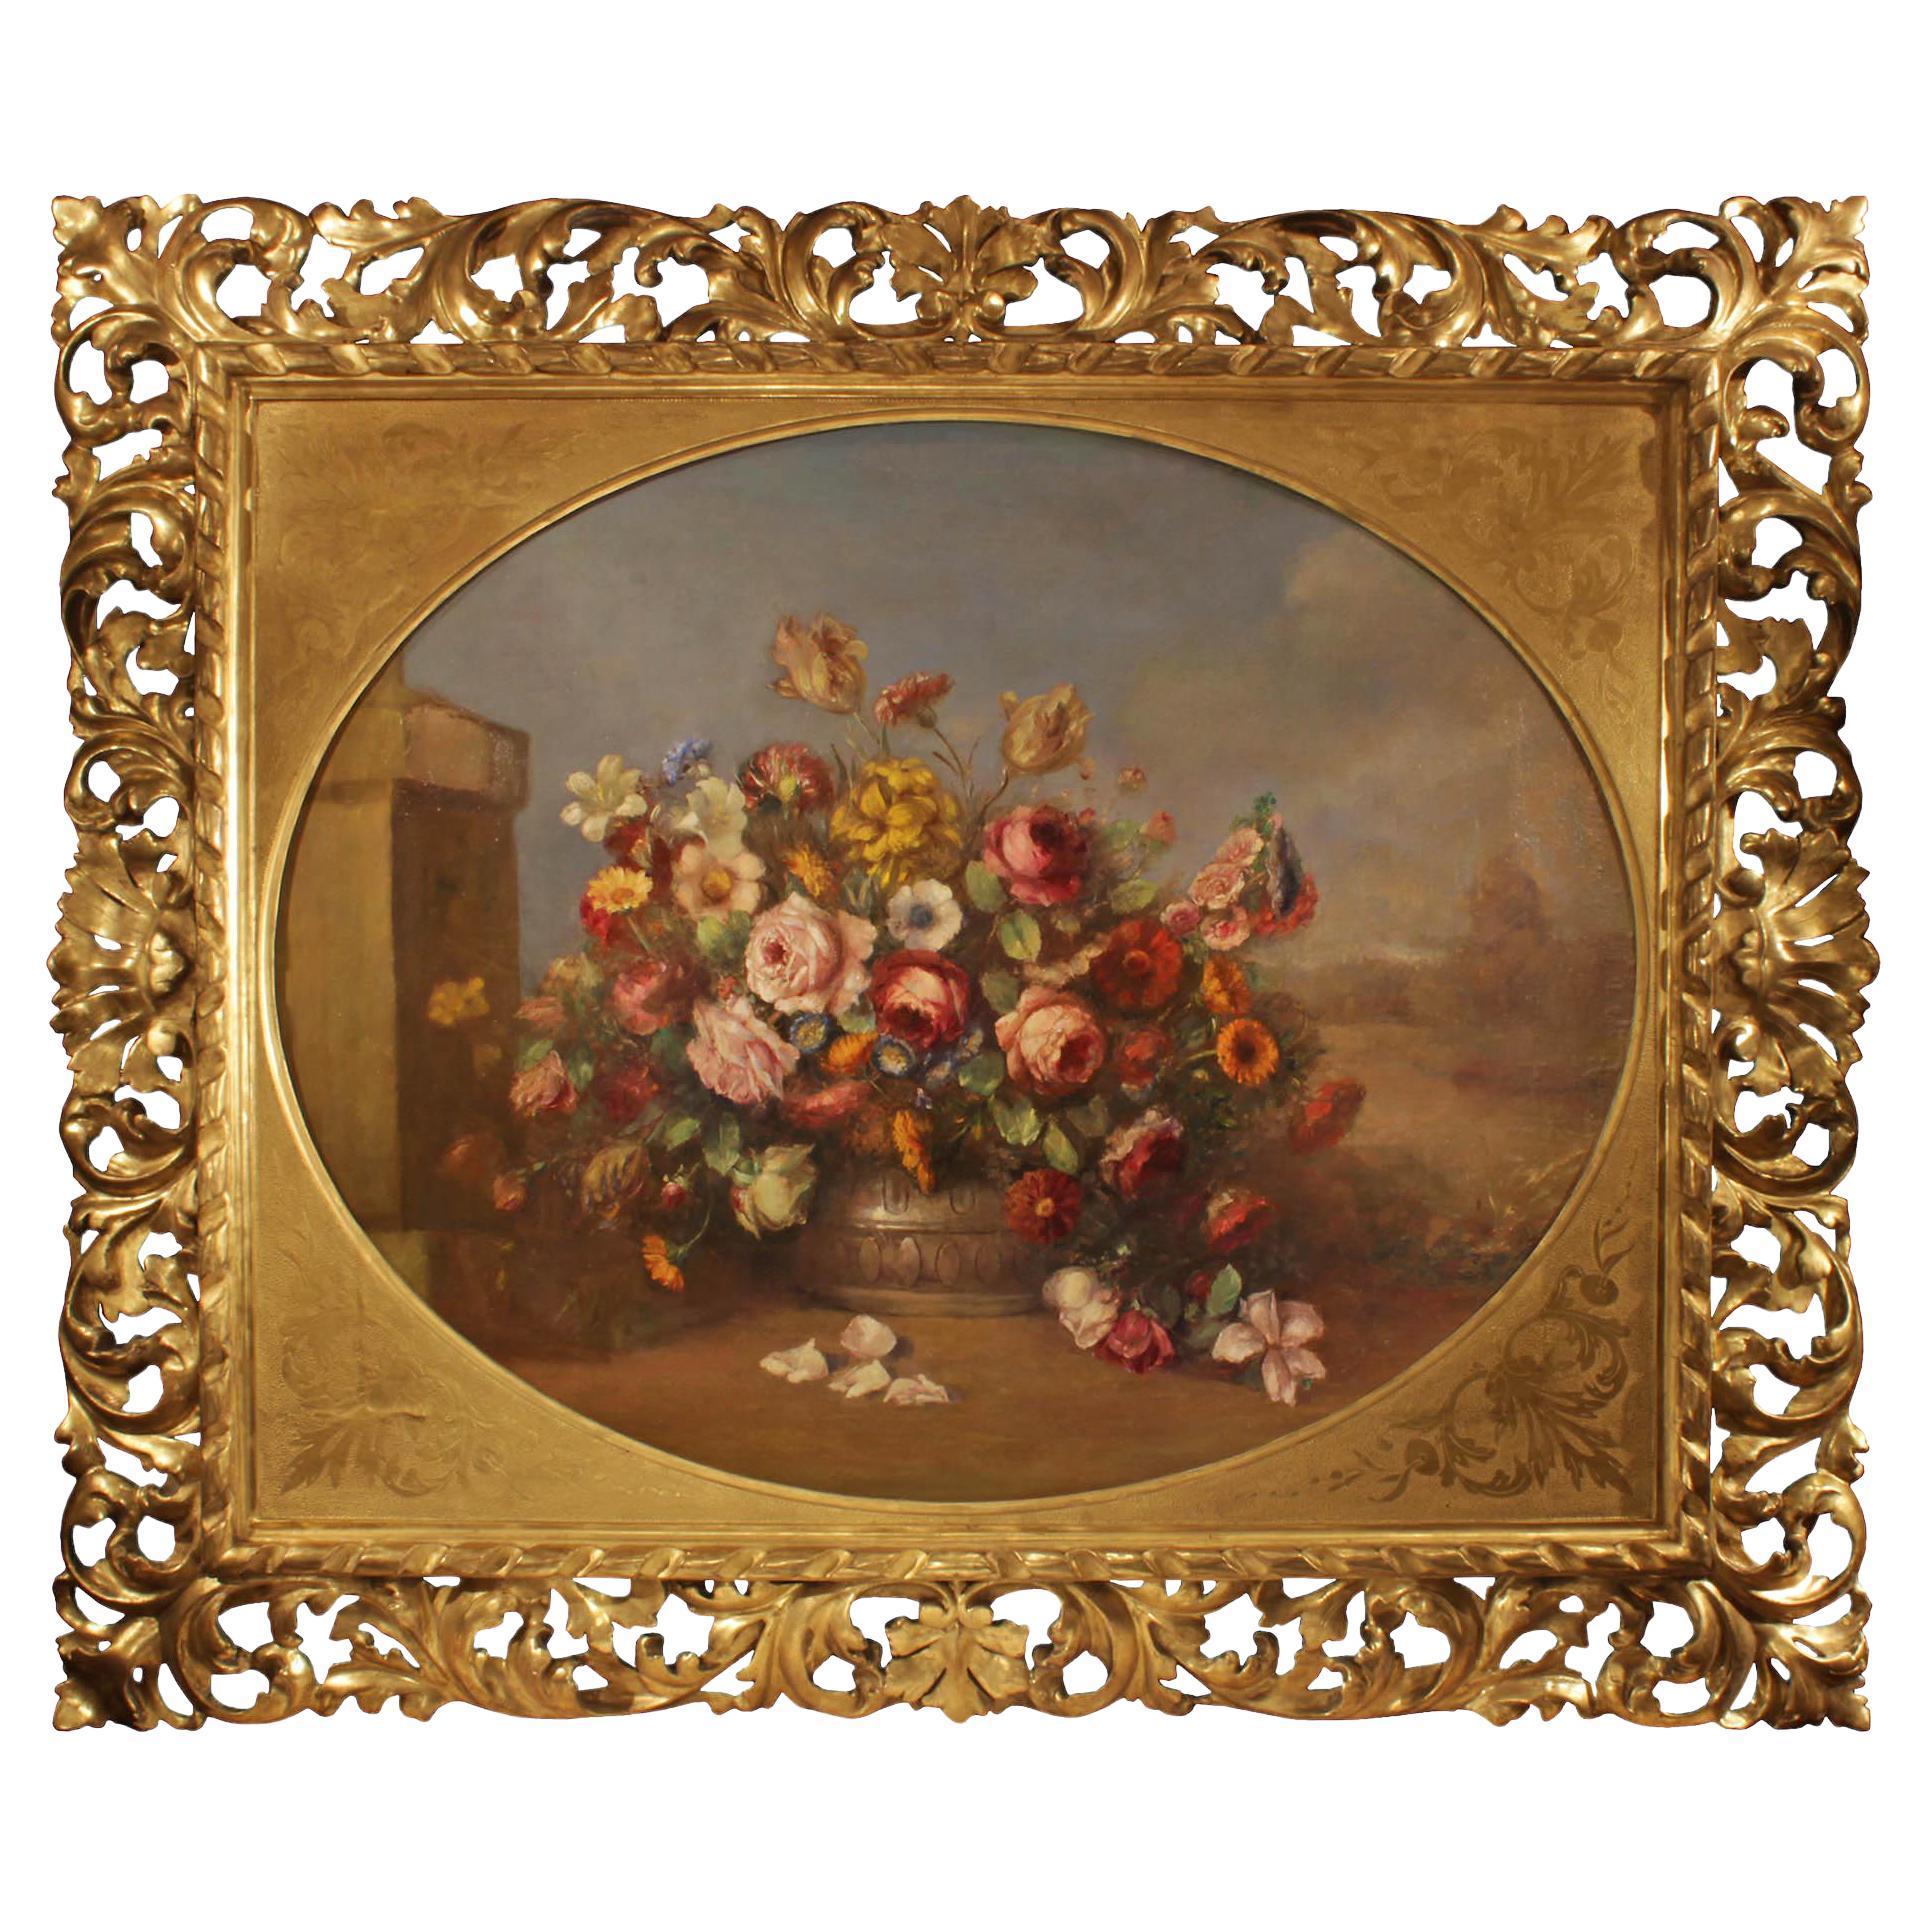 Italian 19th Century Oil on Canvas Still Life Painting